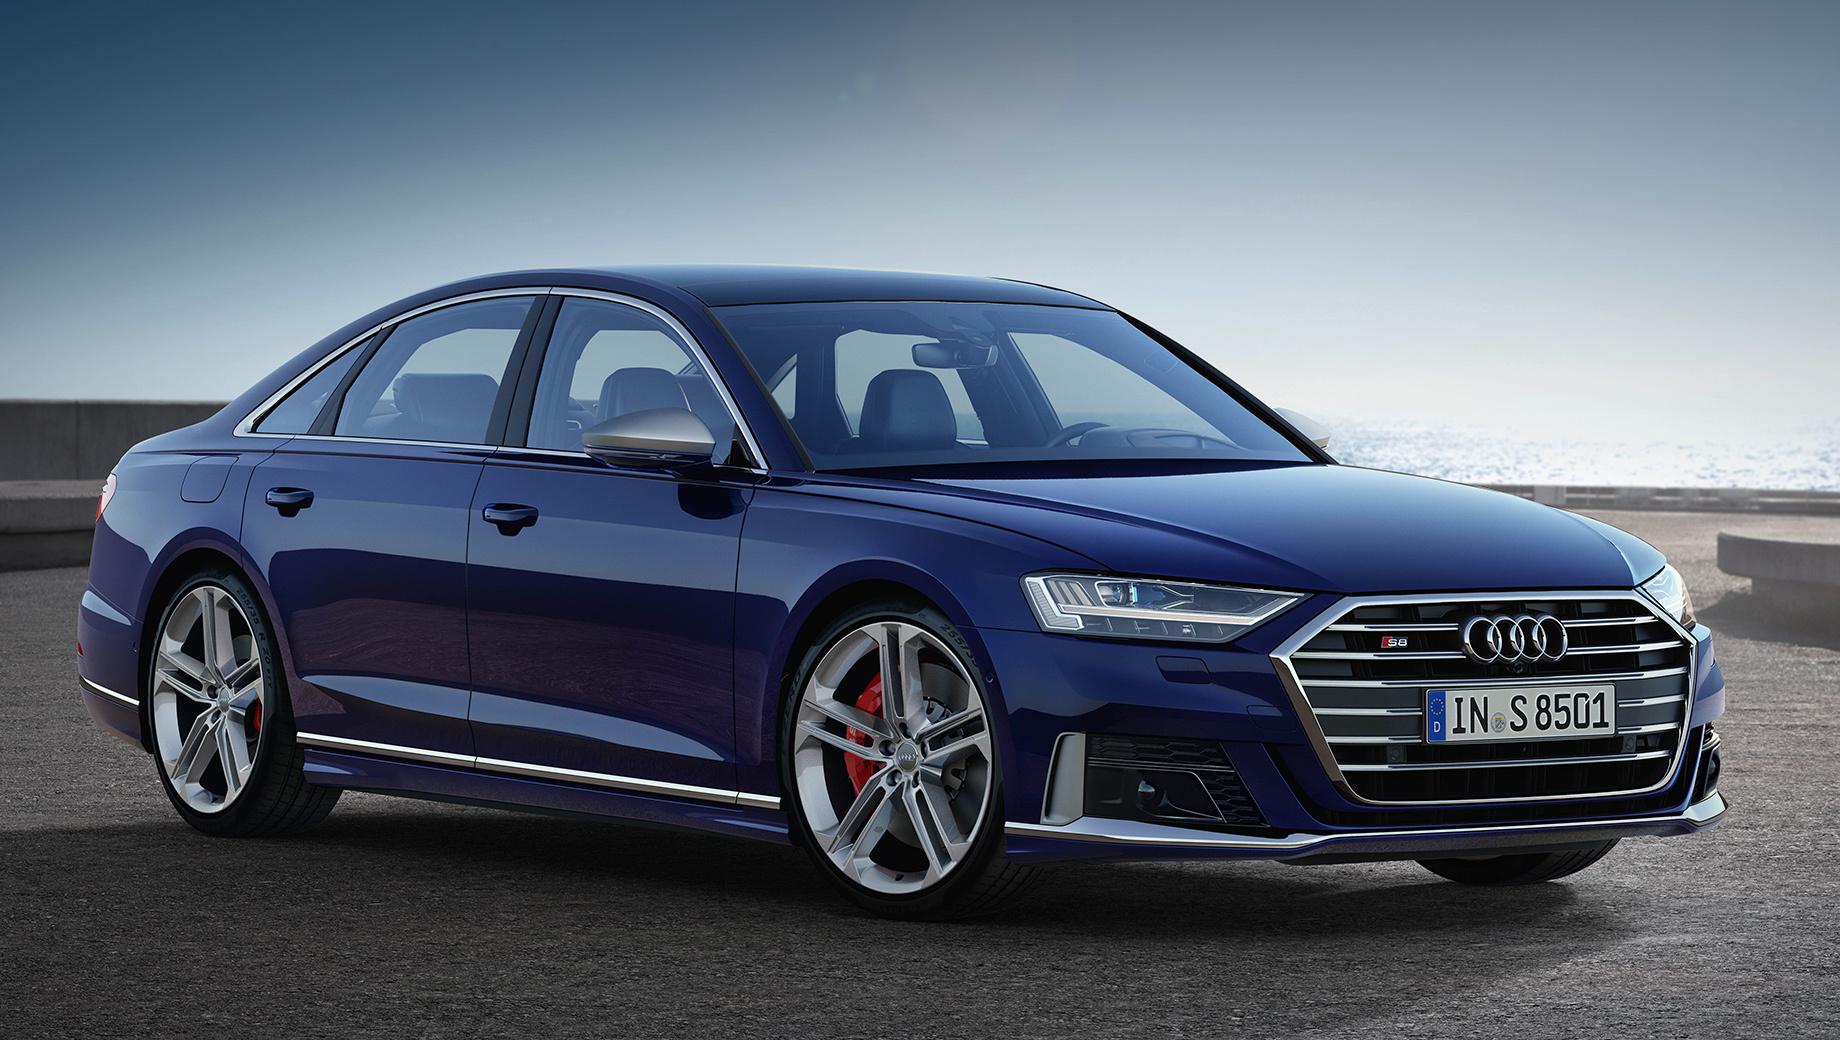 Audi s8. «Эска» разменивает сотню за 3,8 с, максималка ограничена электроникой — 250 км/ч. «В базе» идут 20-дюймовые диски «пять двойных спиц», за доплату в 119 300 рублей есть колёса на дюйм больше.